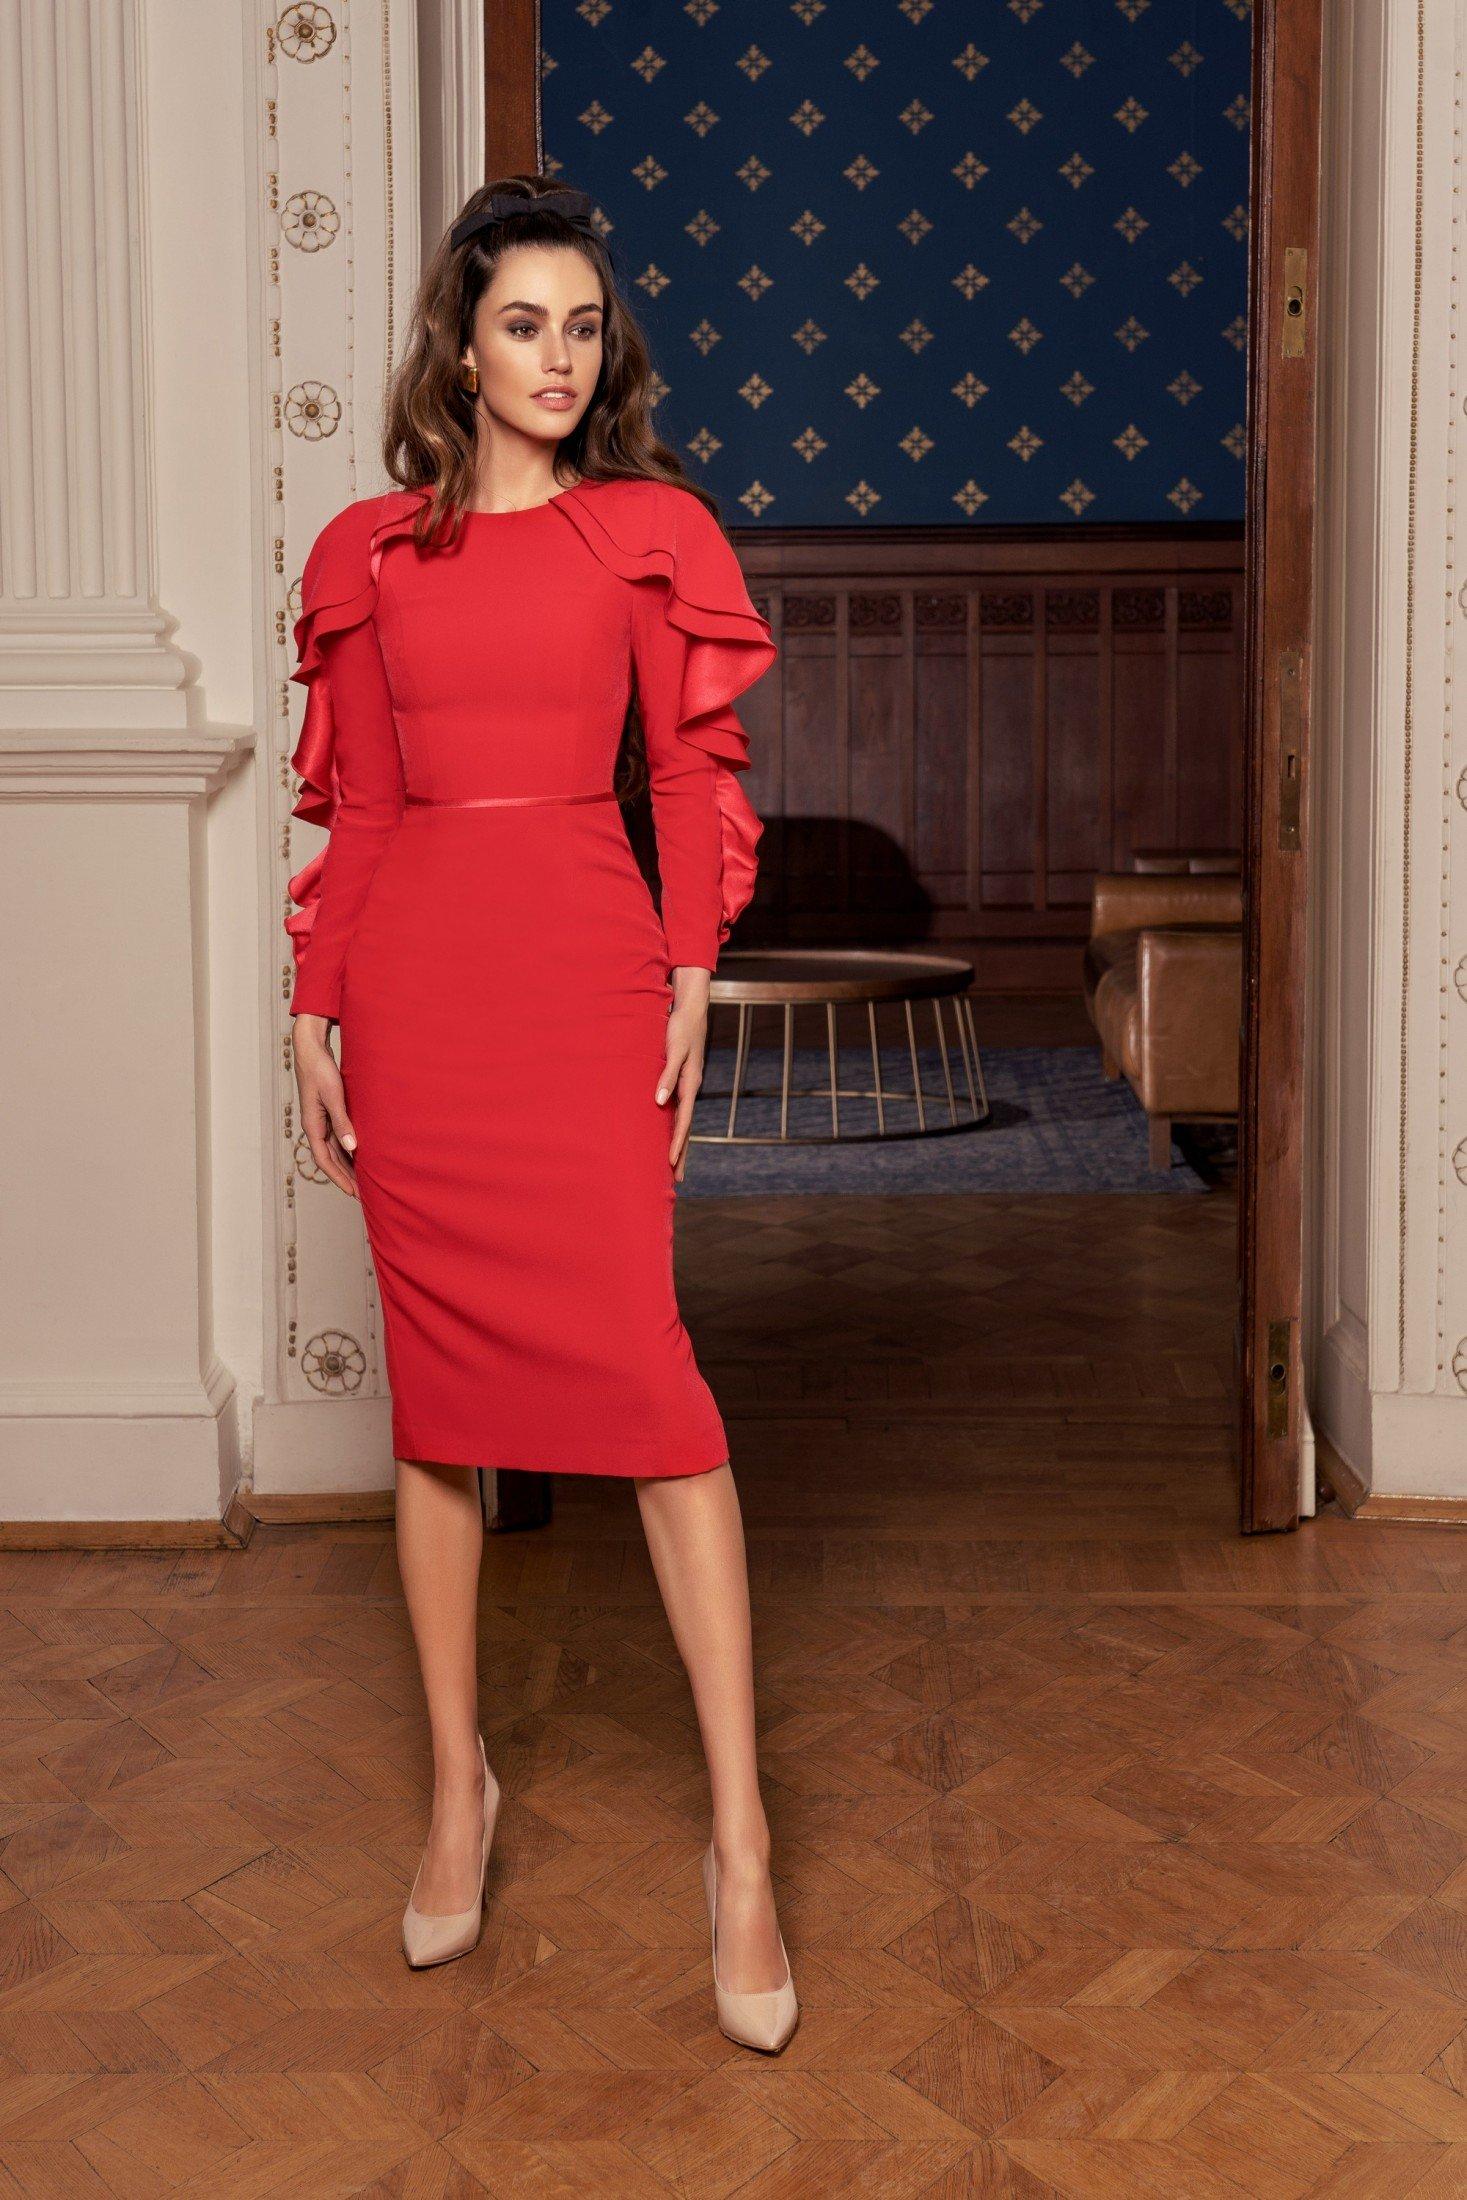 Вечернее платье c рукавами 0538 (в наличии пудровый цвет)